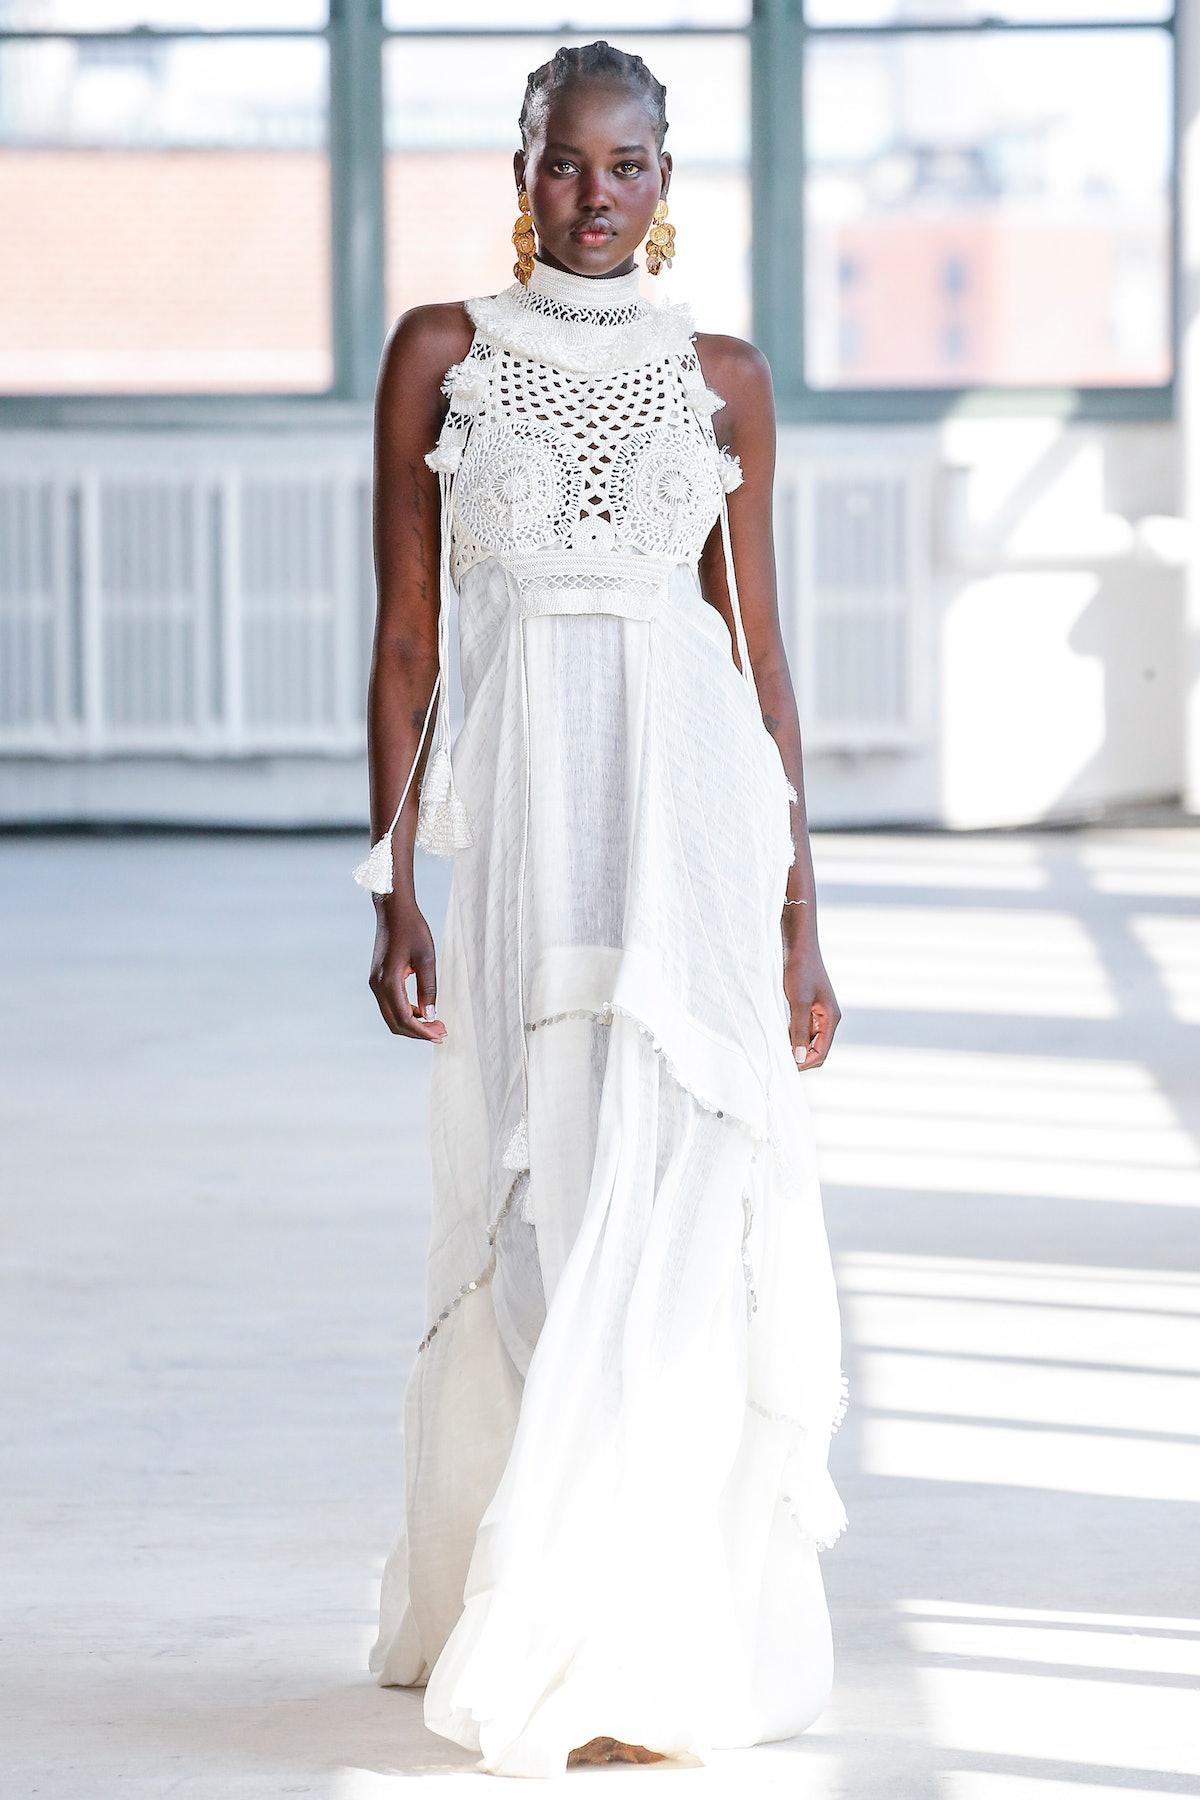 نیویورک ، نیویورک - 12 سپتامبر: یک مدل در طول پیاده روی Altuzarra Ready to Wear Sprin روی باند پیاده روی می کند ...